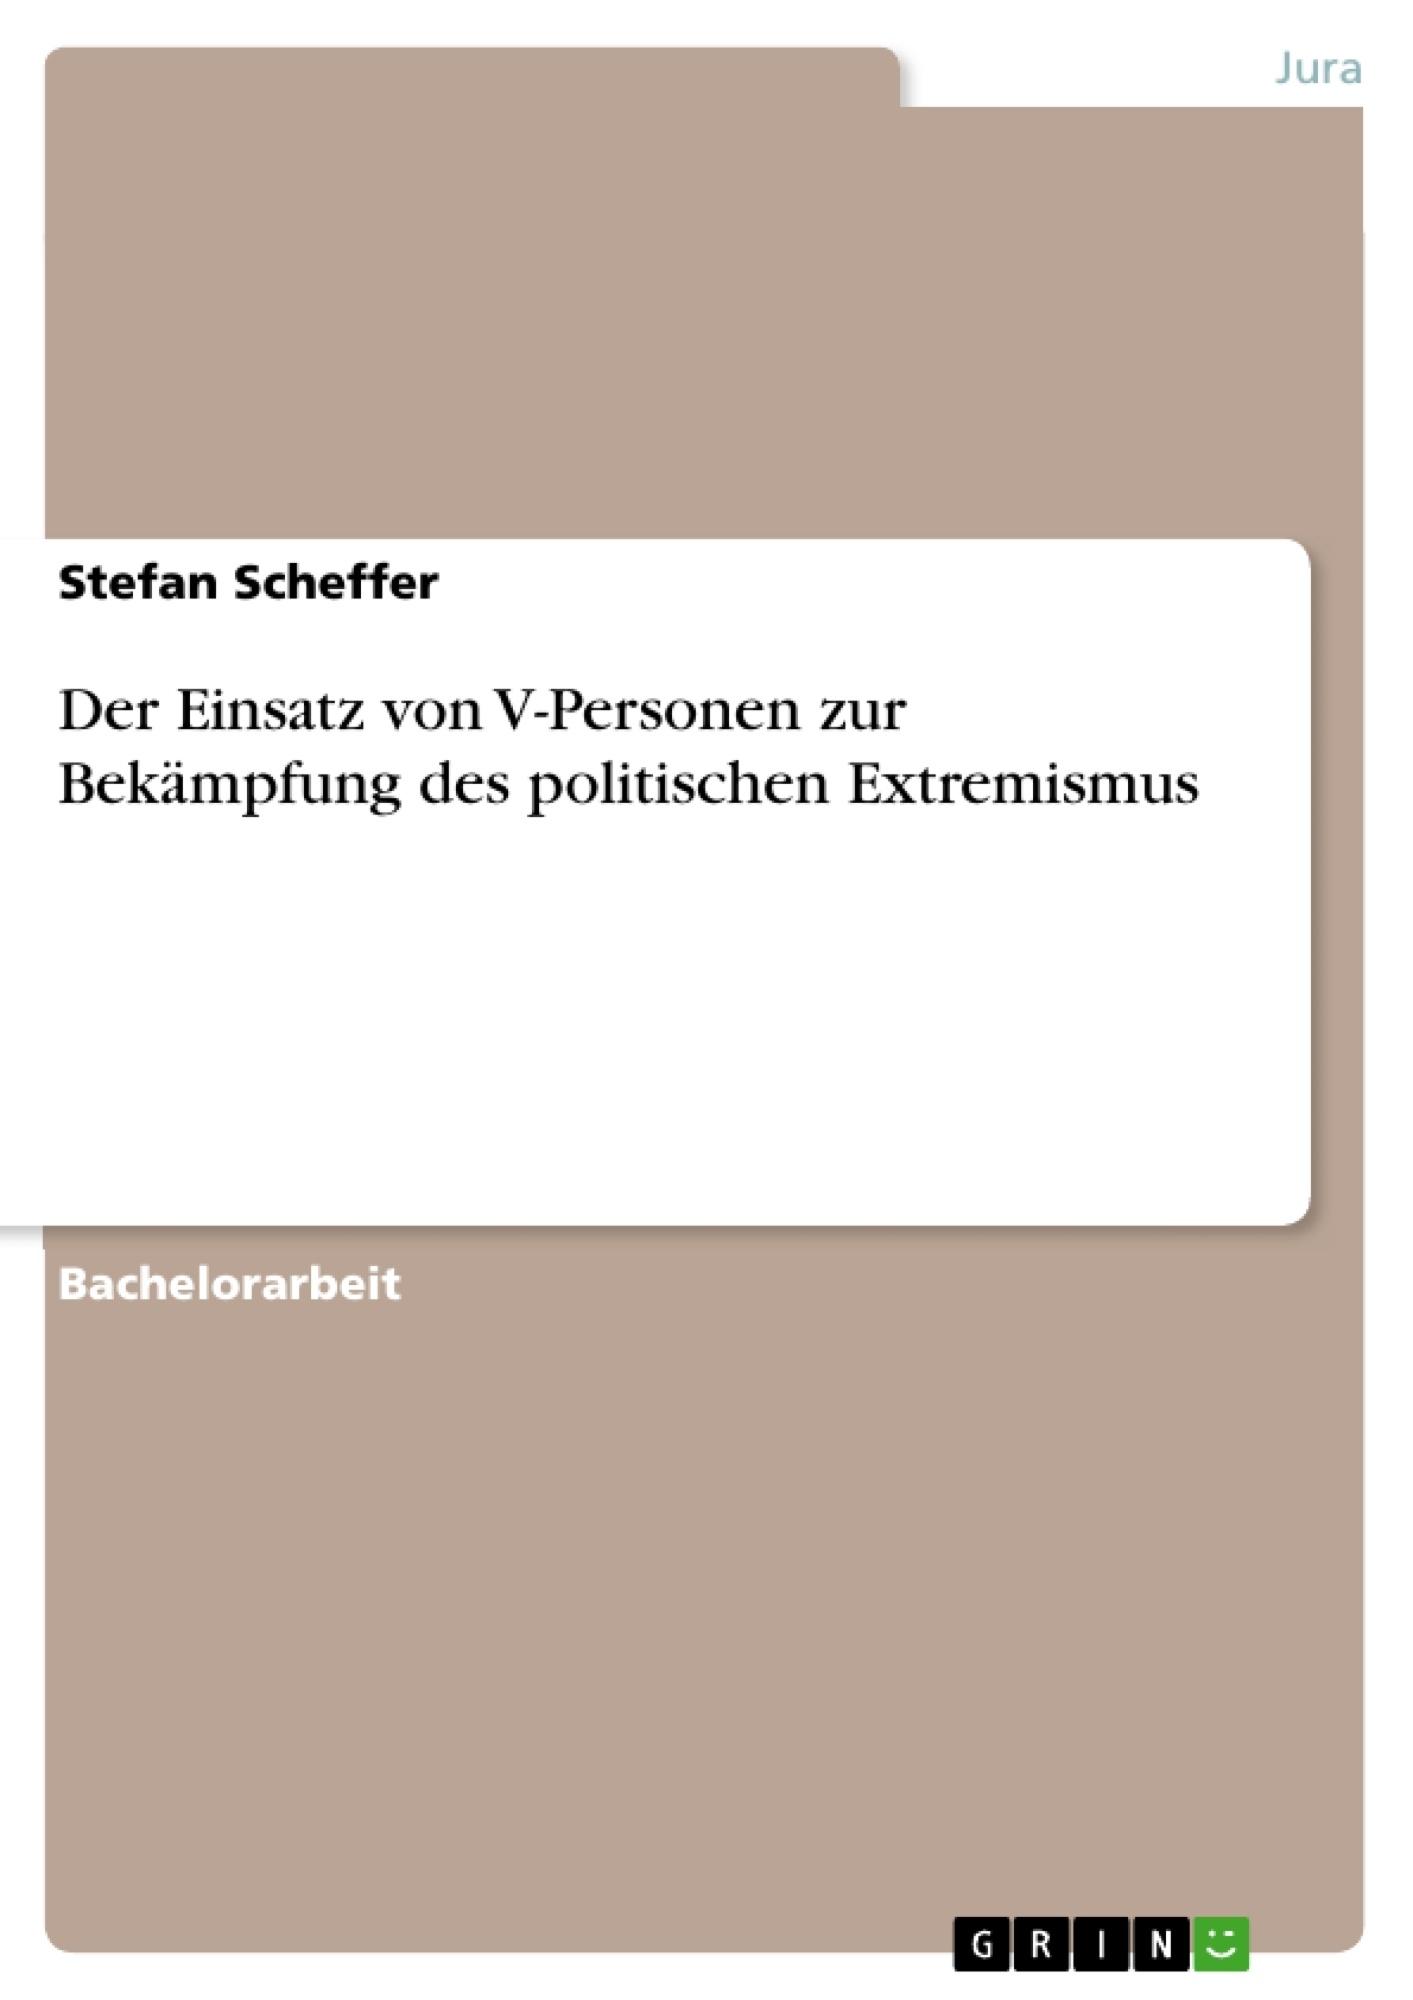 Titel: Der Einsatz von V-Personen zur Bekämpfung des politischen Extremismus